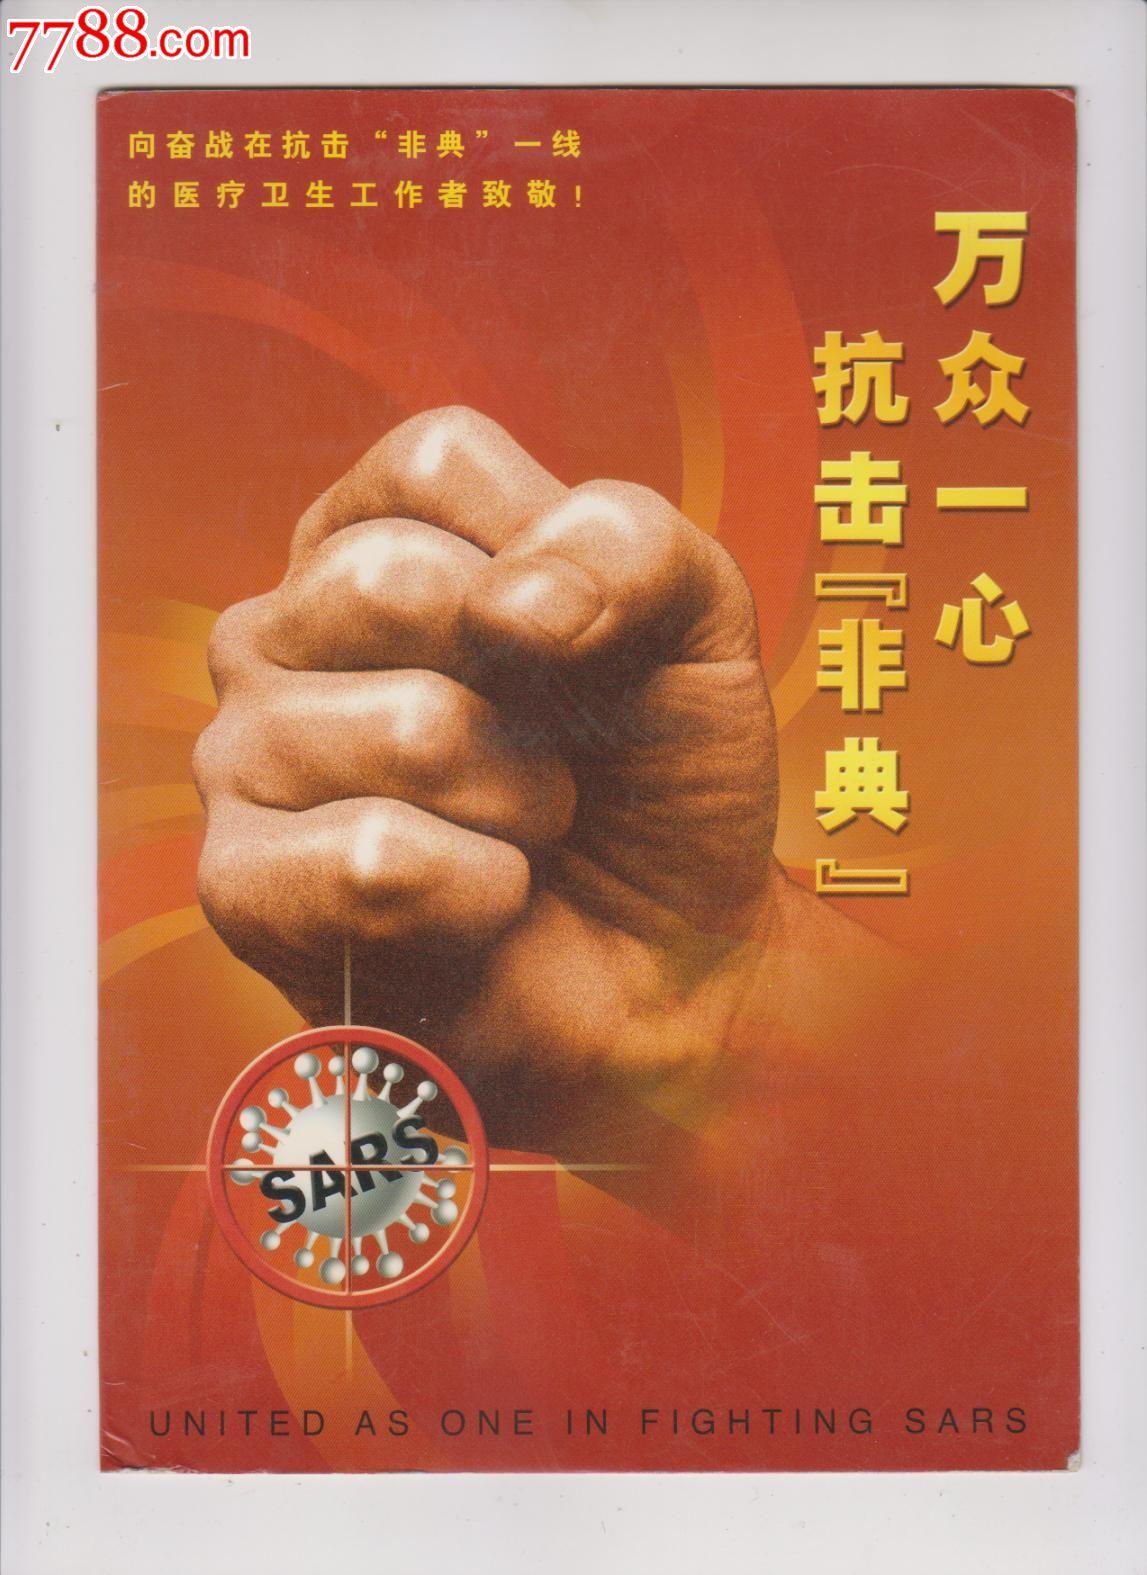 """特4—2003xb《万众一心抗击""""非典""""》版票(撕去1枚.带邮折)图片"""